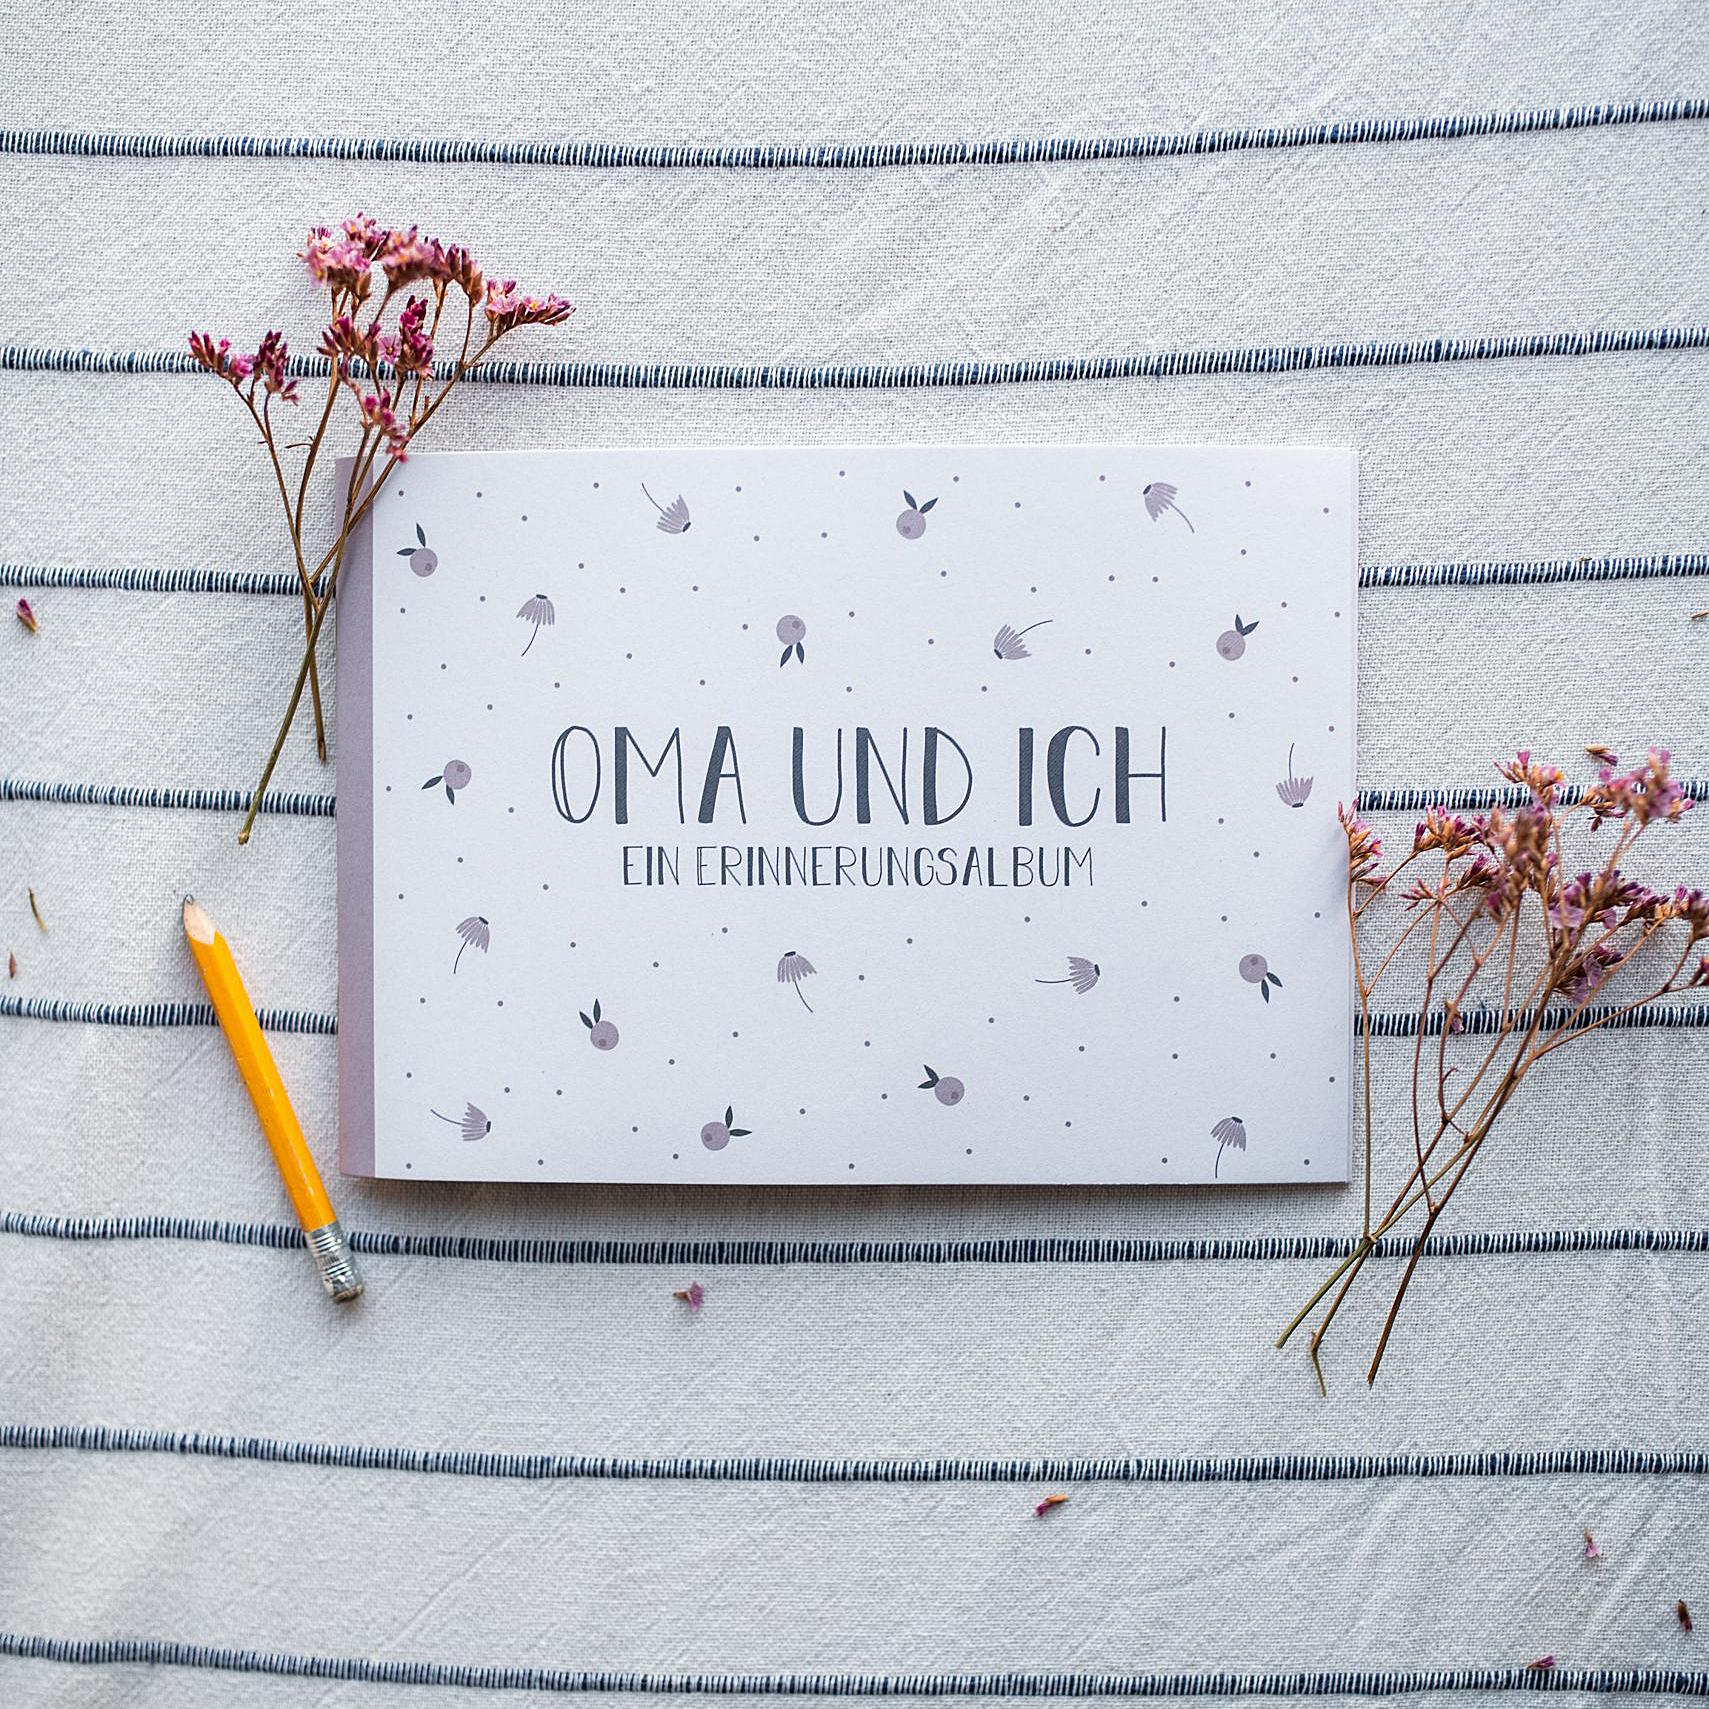 Oma/Opa und ich – Erinnerungsalbum